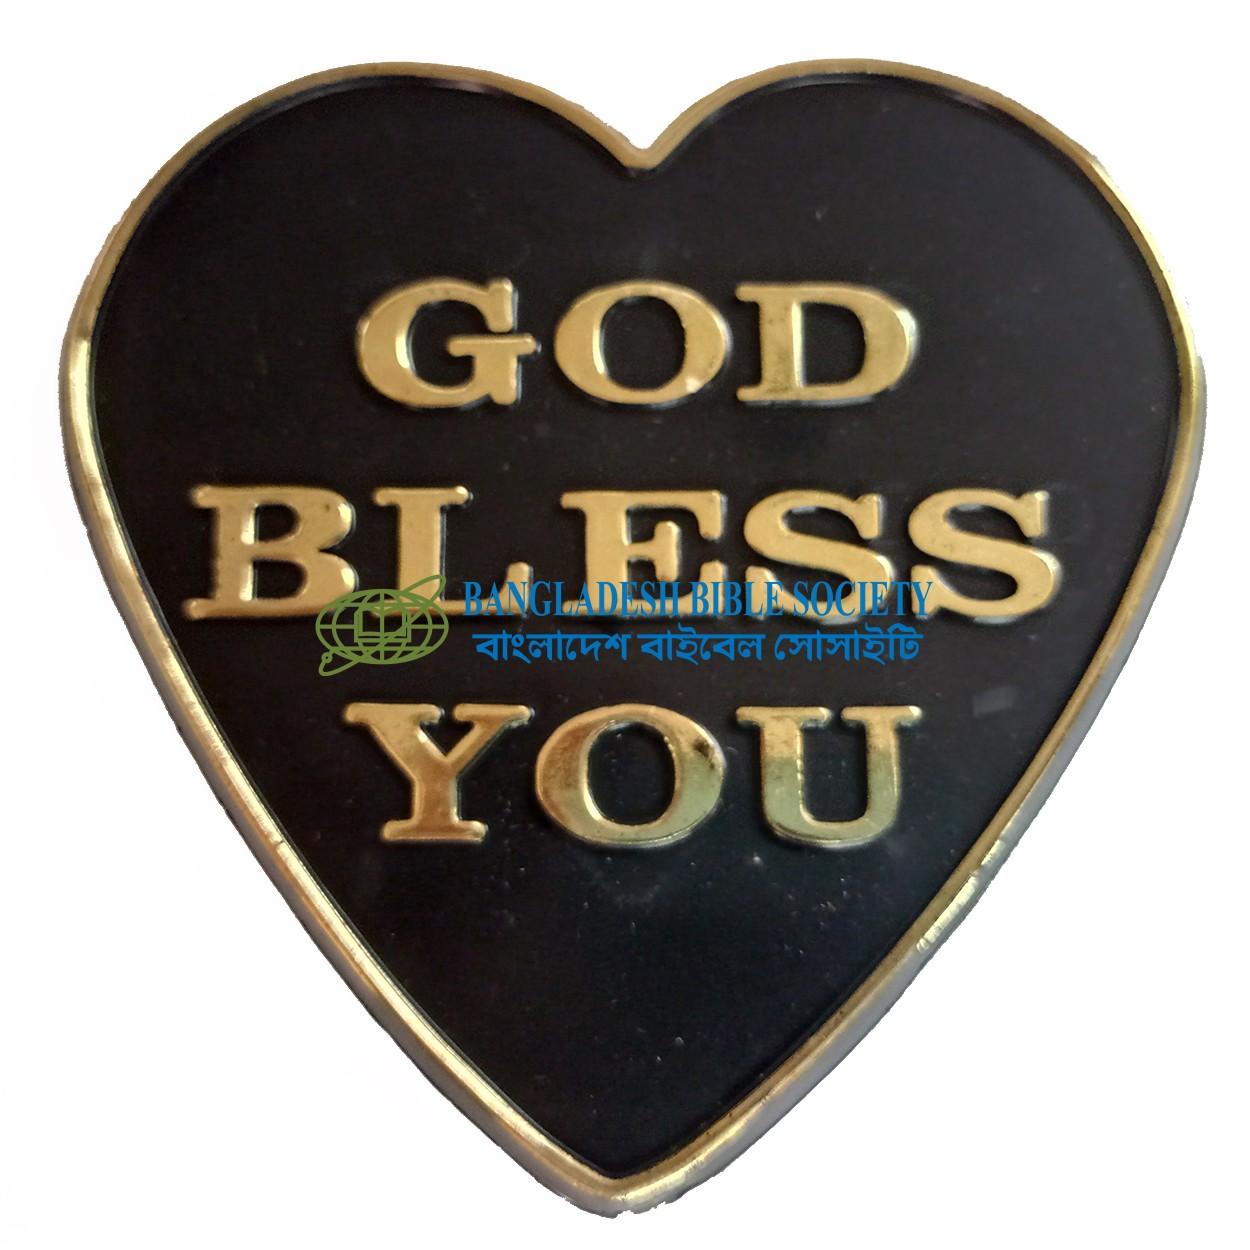 God bless you_BBS